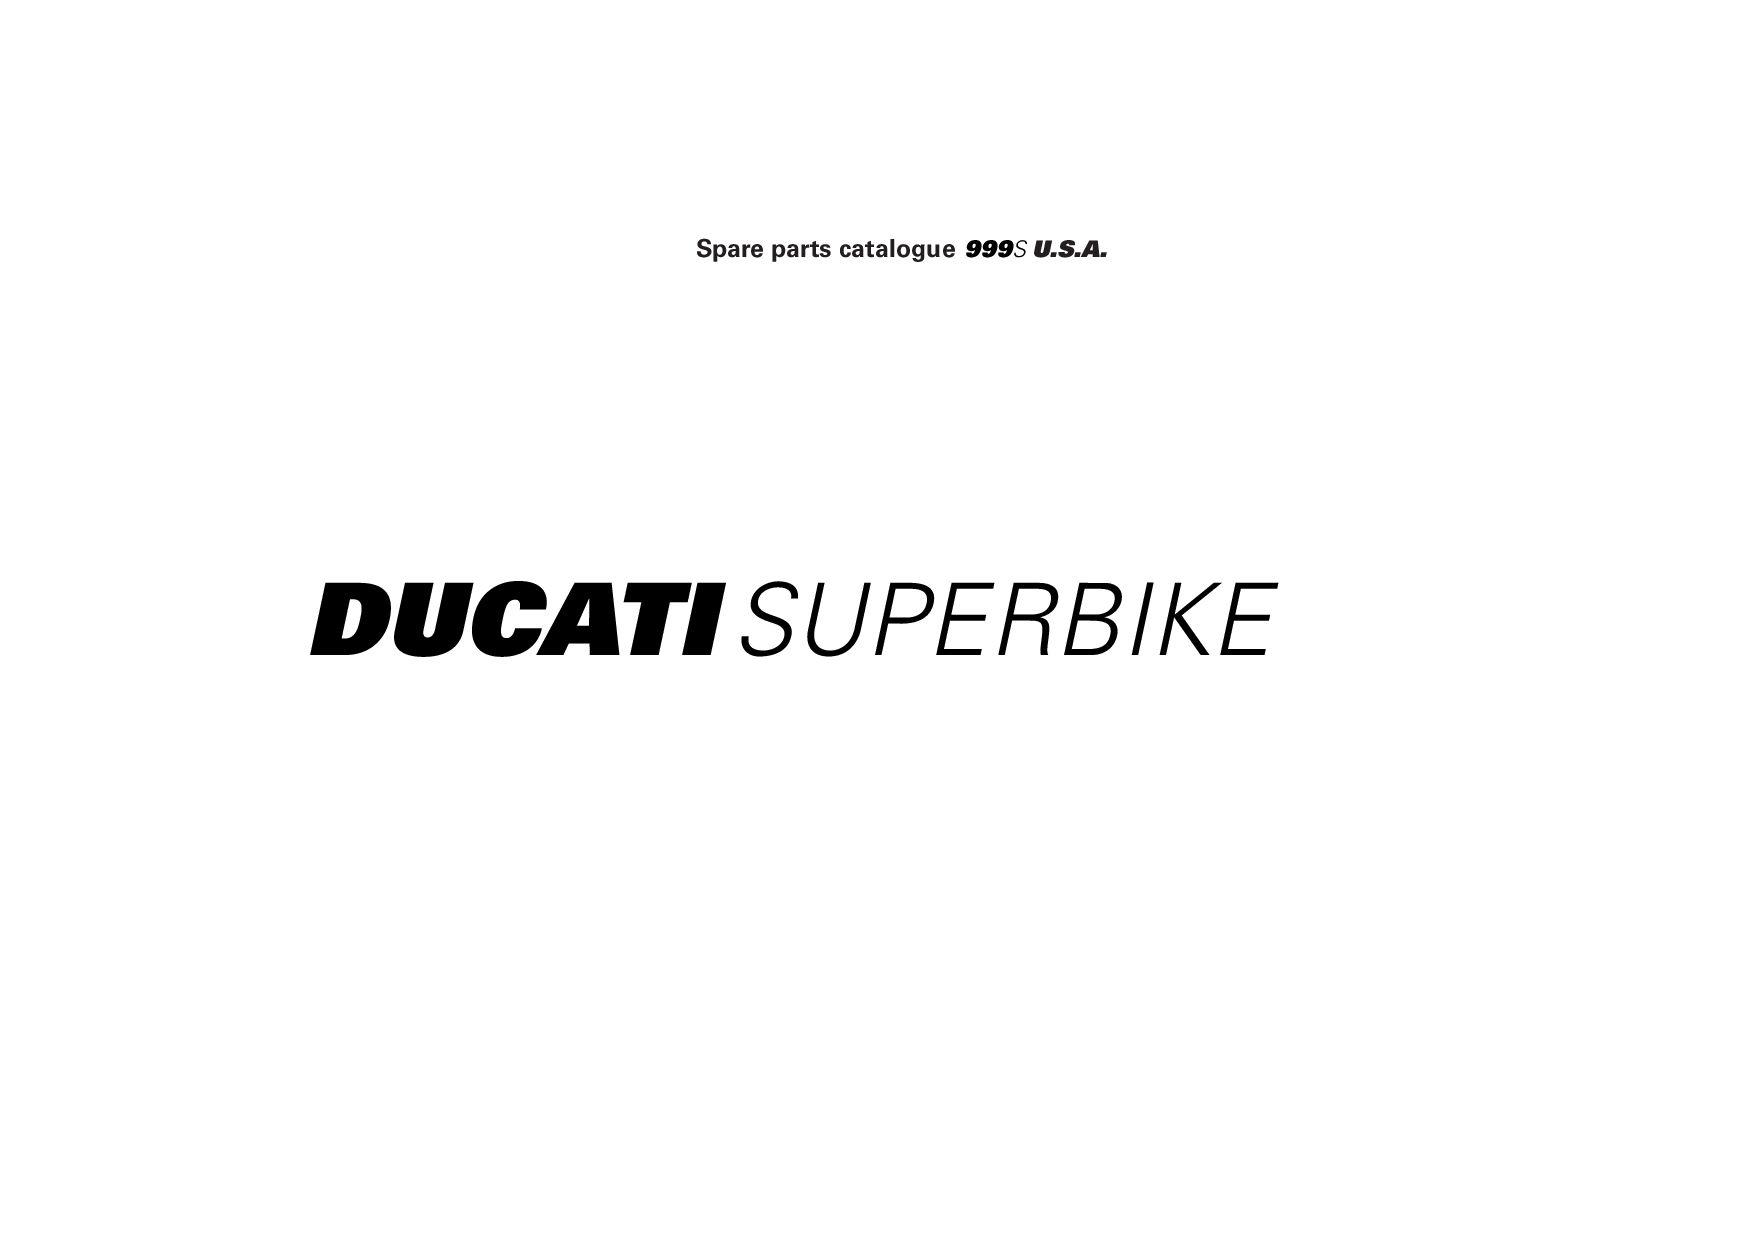 Ducati 999 S 2006 Parts List Pdf Download Service Manual Repair Manual Pdf Download Repair Manuals Pdf Download Ducati